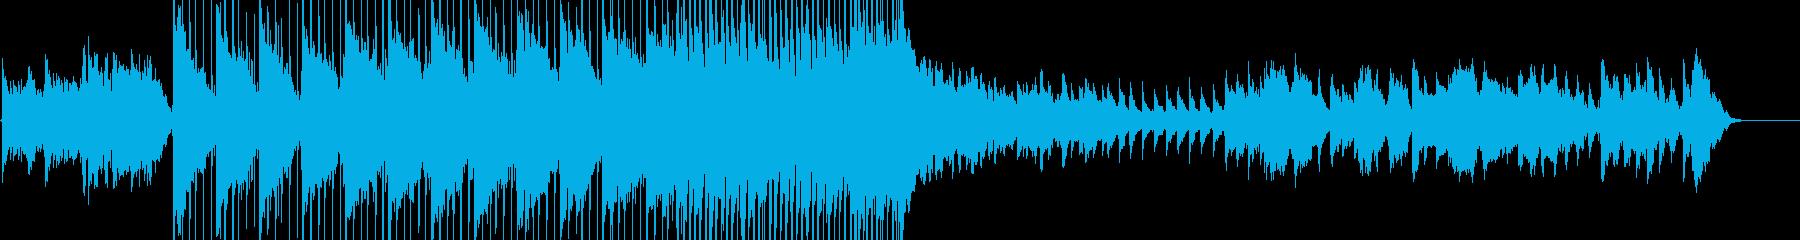 ノスタルジー 青春 オルタナ ロックの再生済みの波形